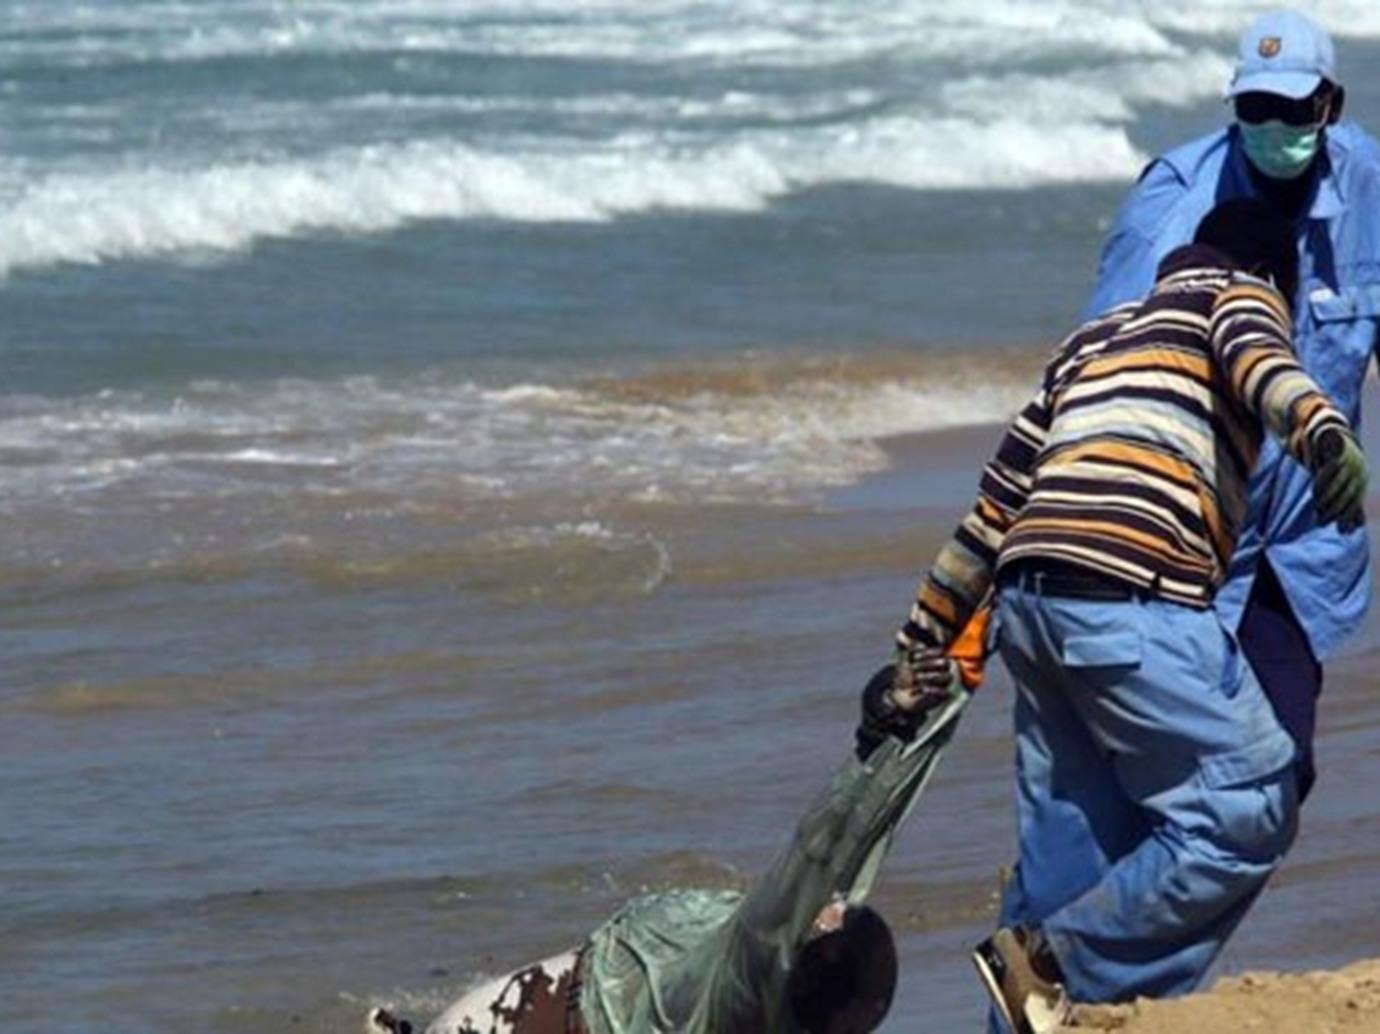 مأساة.. وفاة أربعة مهاجرين سريين أبحروا من سواحل الريف نحو إسبانيا